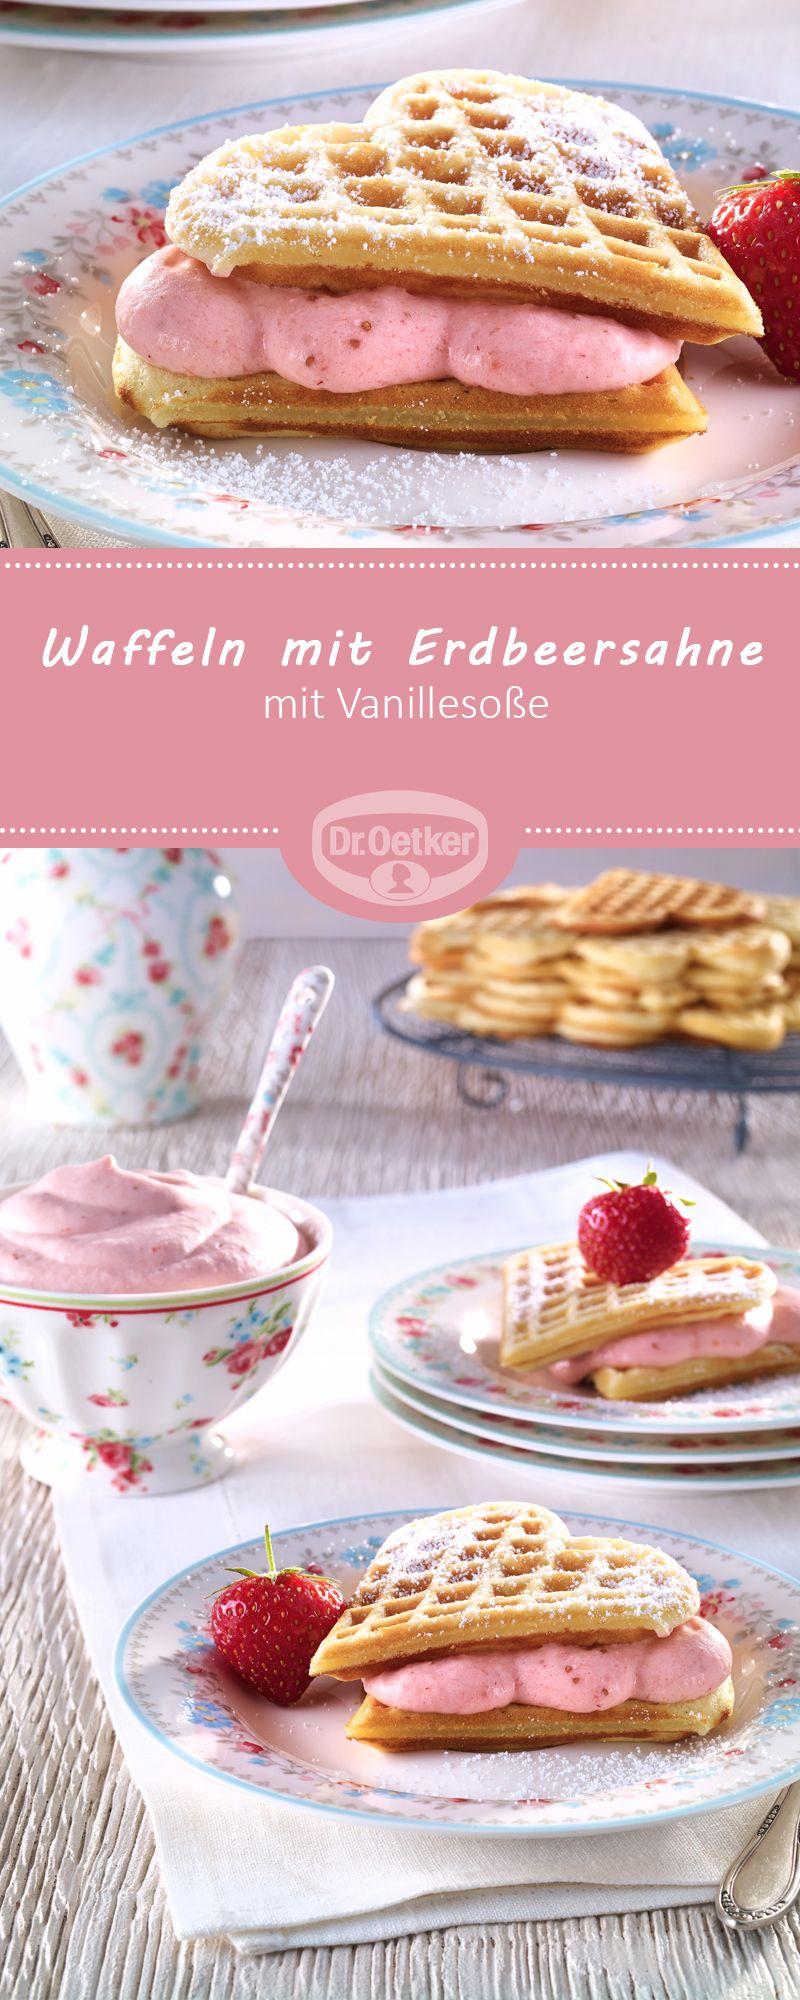 Waffeln mit Erdbeersahne: Leckere Waffeln mit fruchtiger Erdbeersahne und Vanillesoße #waffel #erdbeer #herz